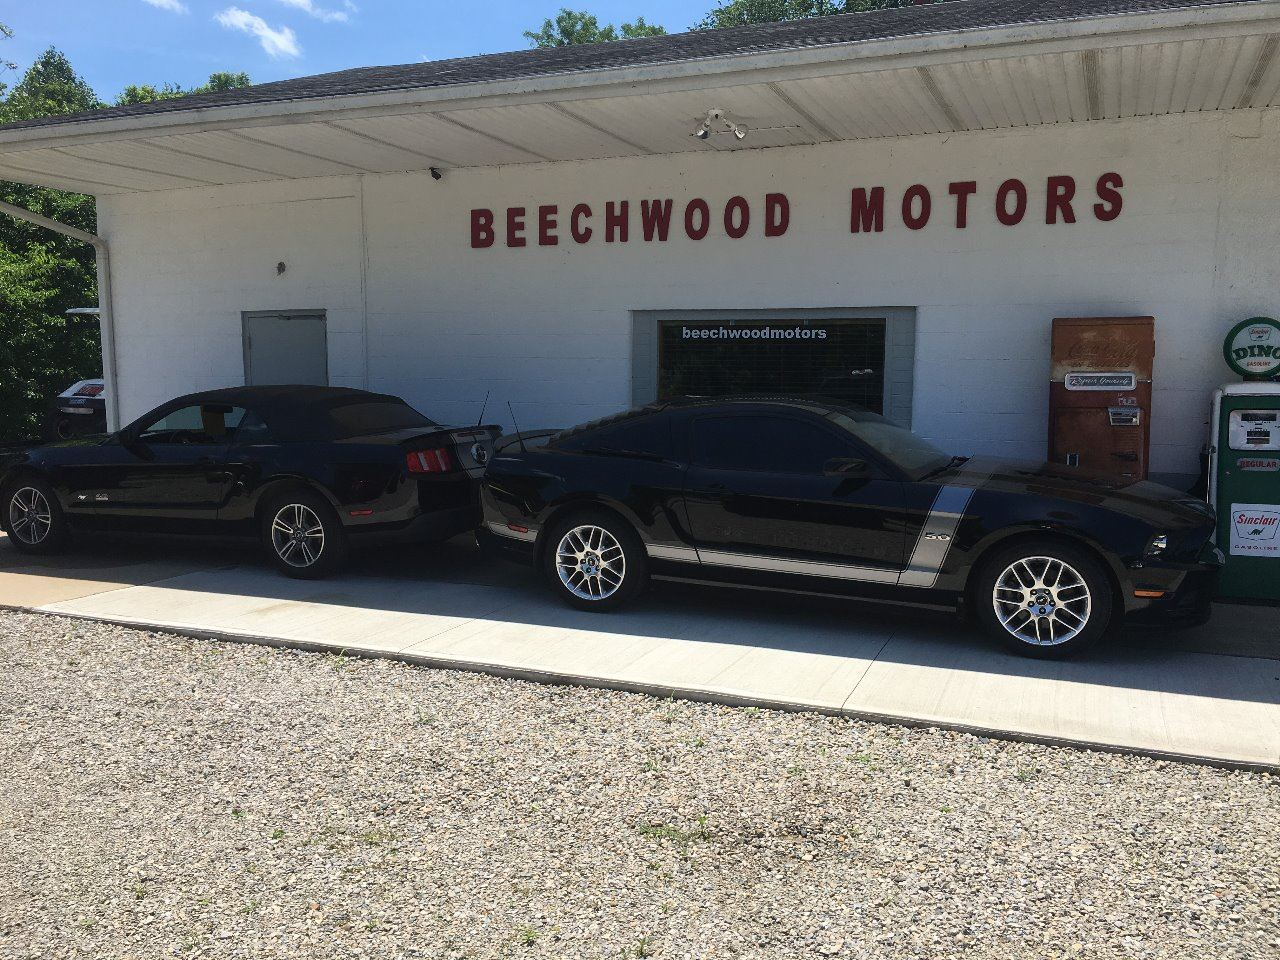 Beechwood Motors